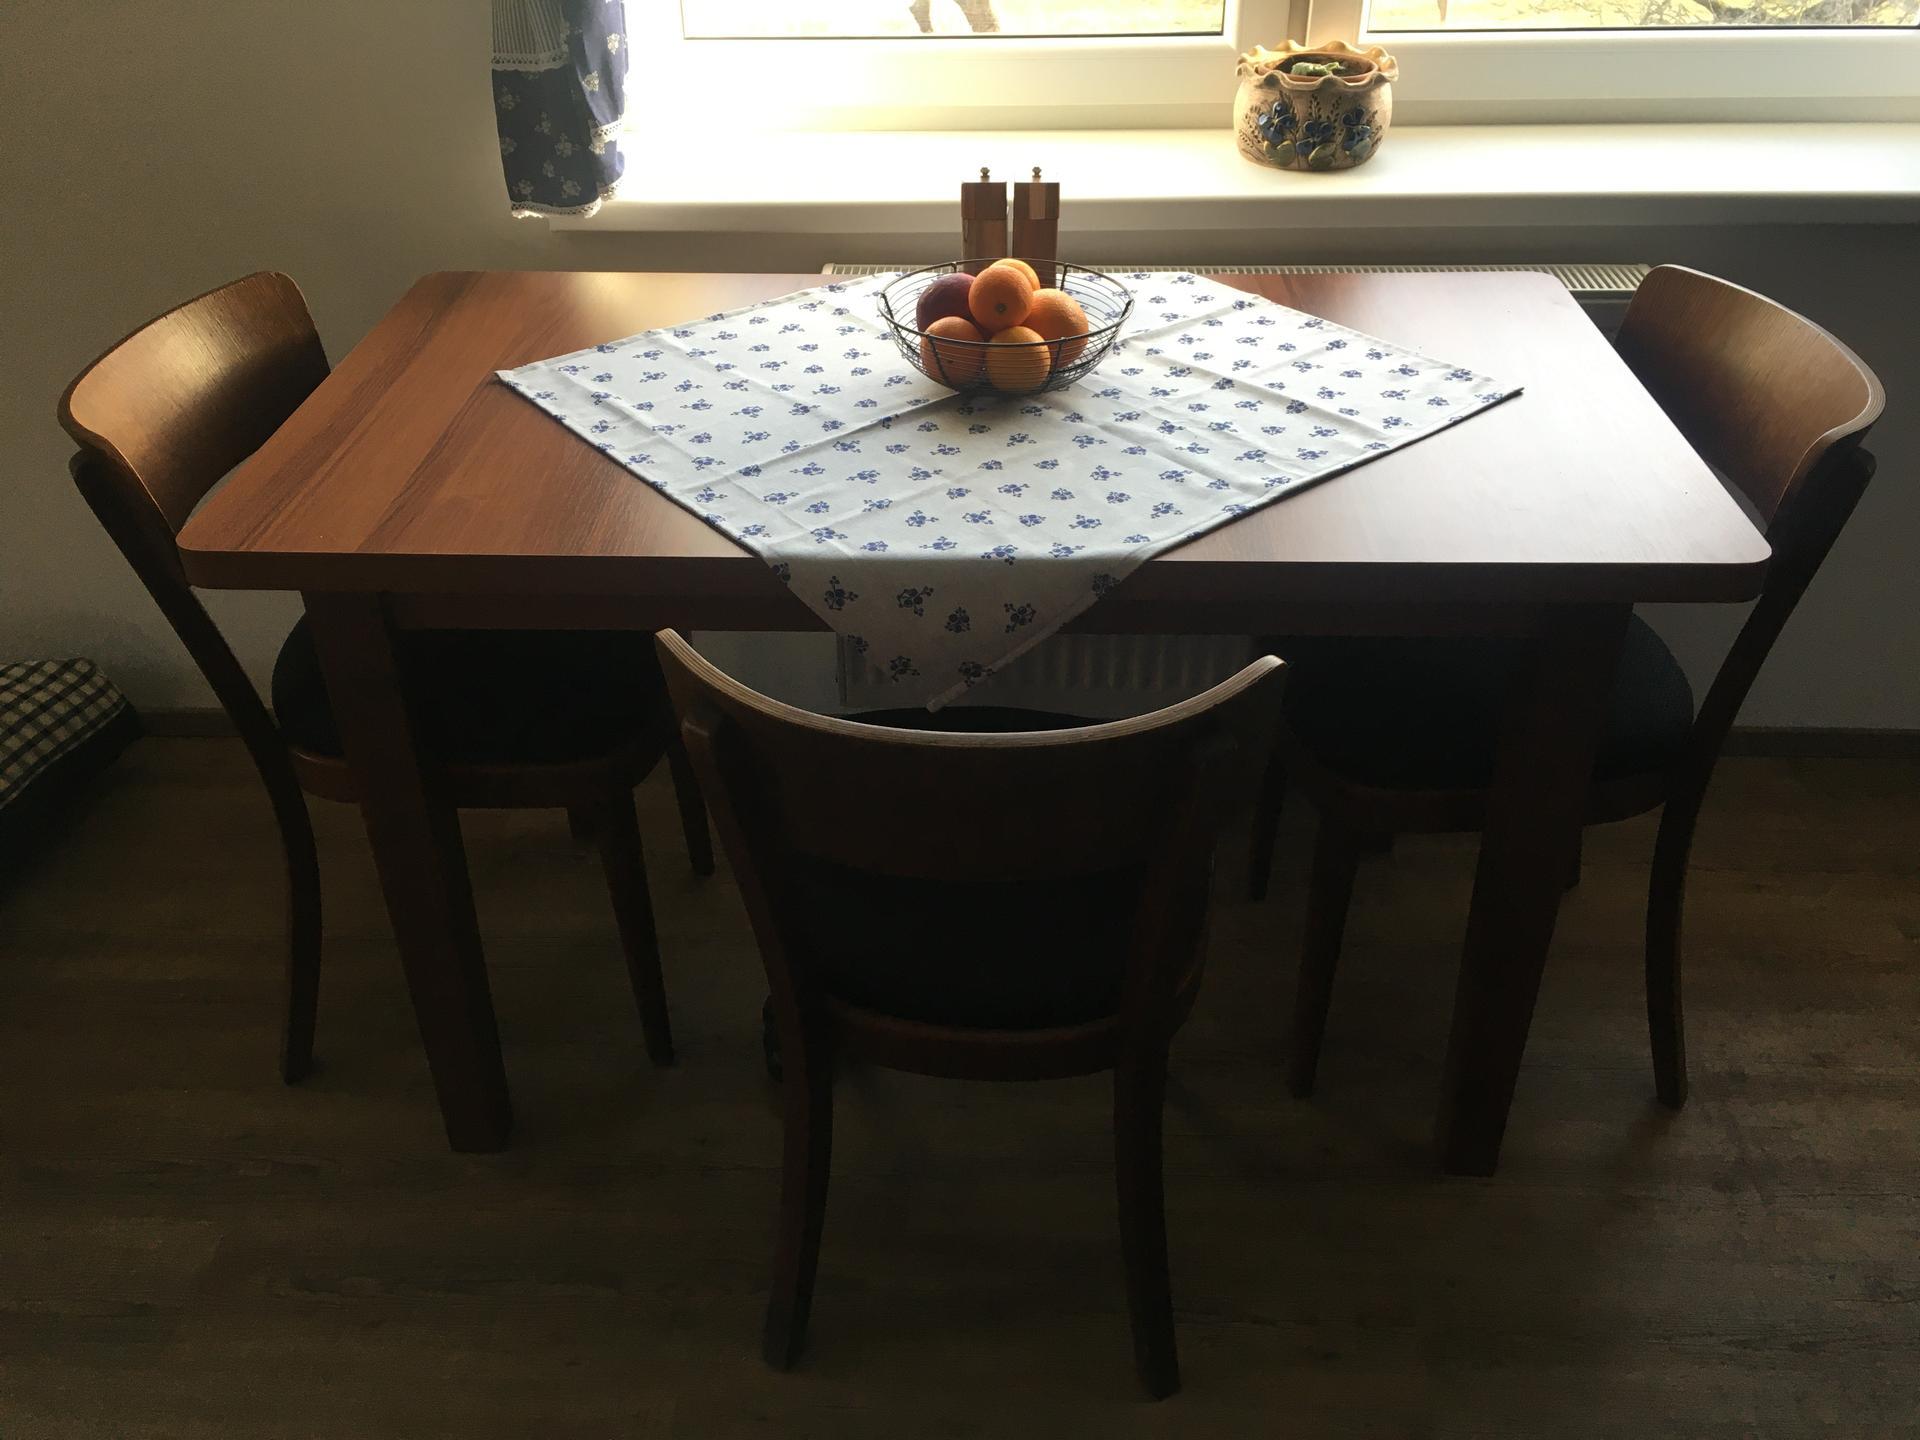 Rekonstrukce 🏡 20/21 - Jídelní stůl, židle retro po renovaci